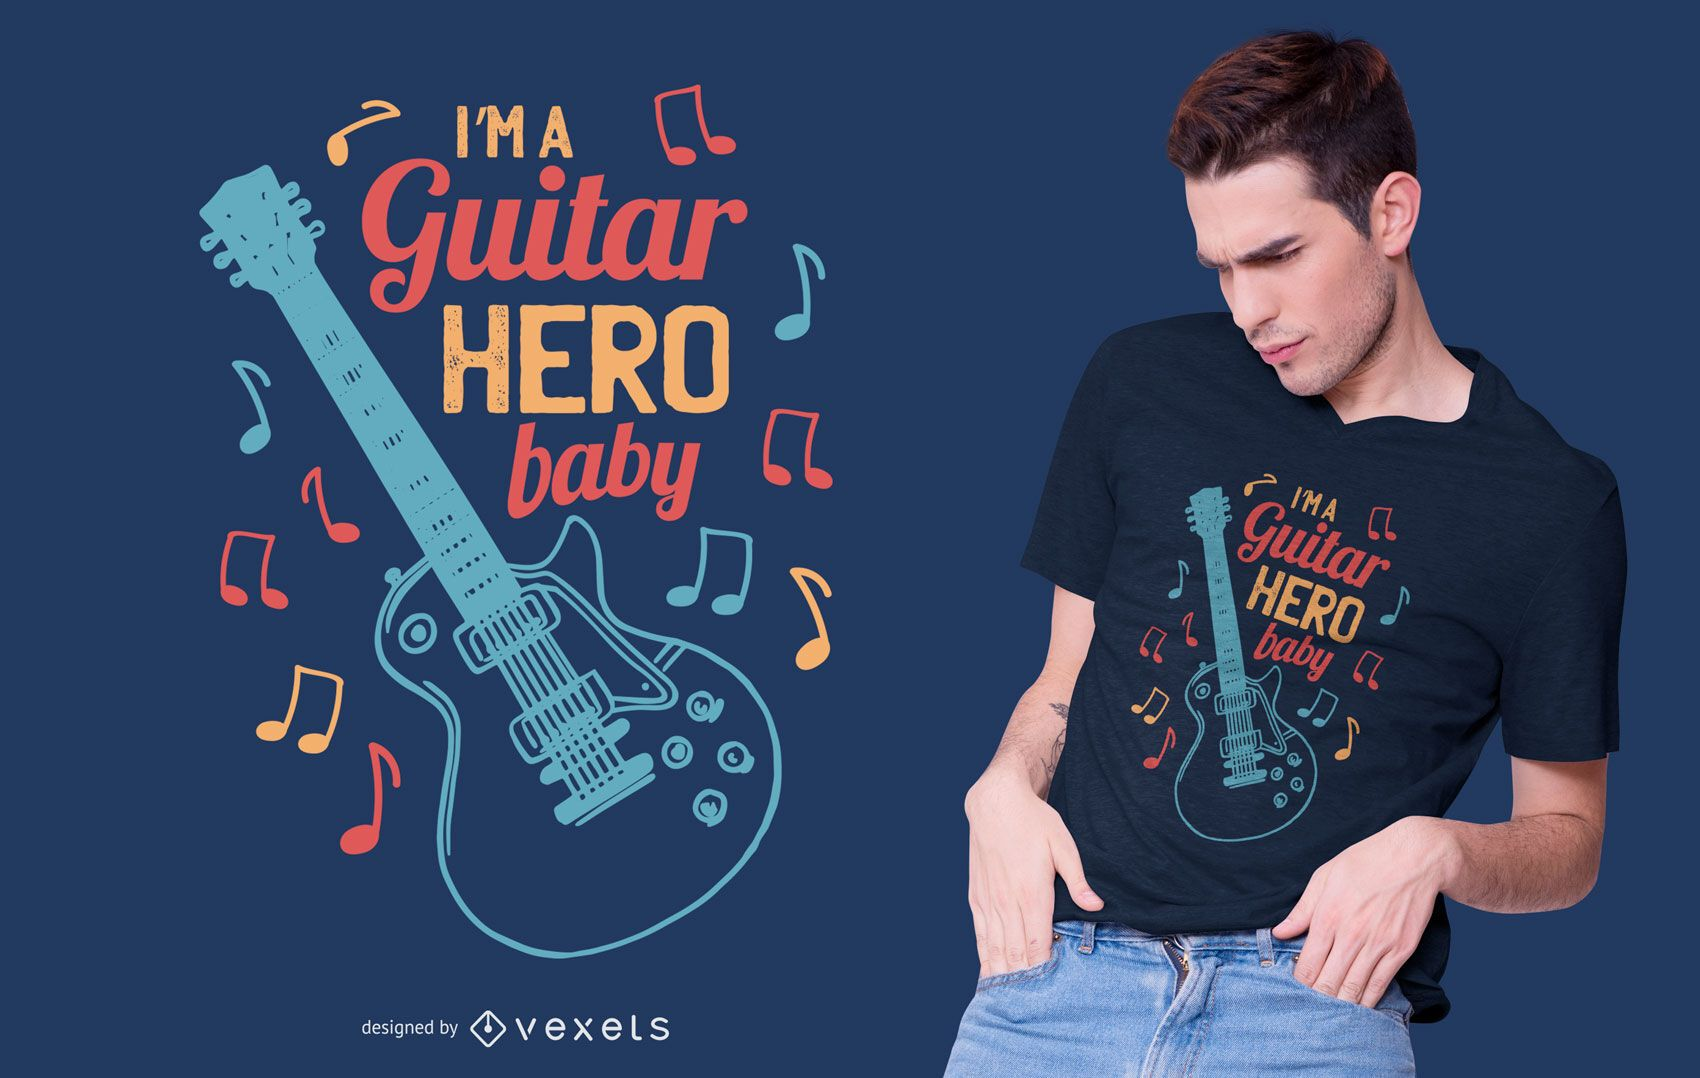 Guitar hero t-shirt design